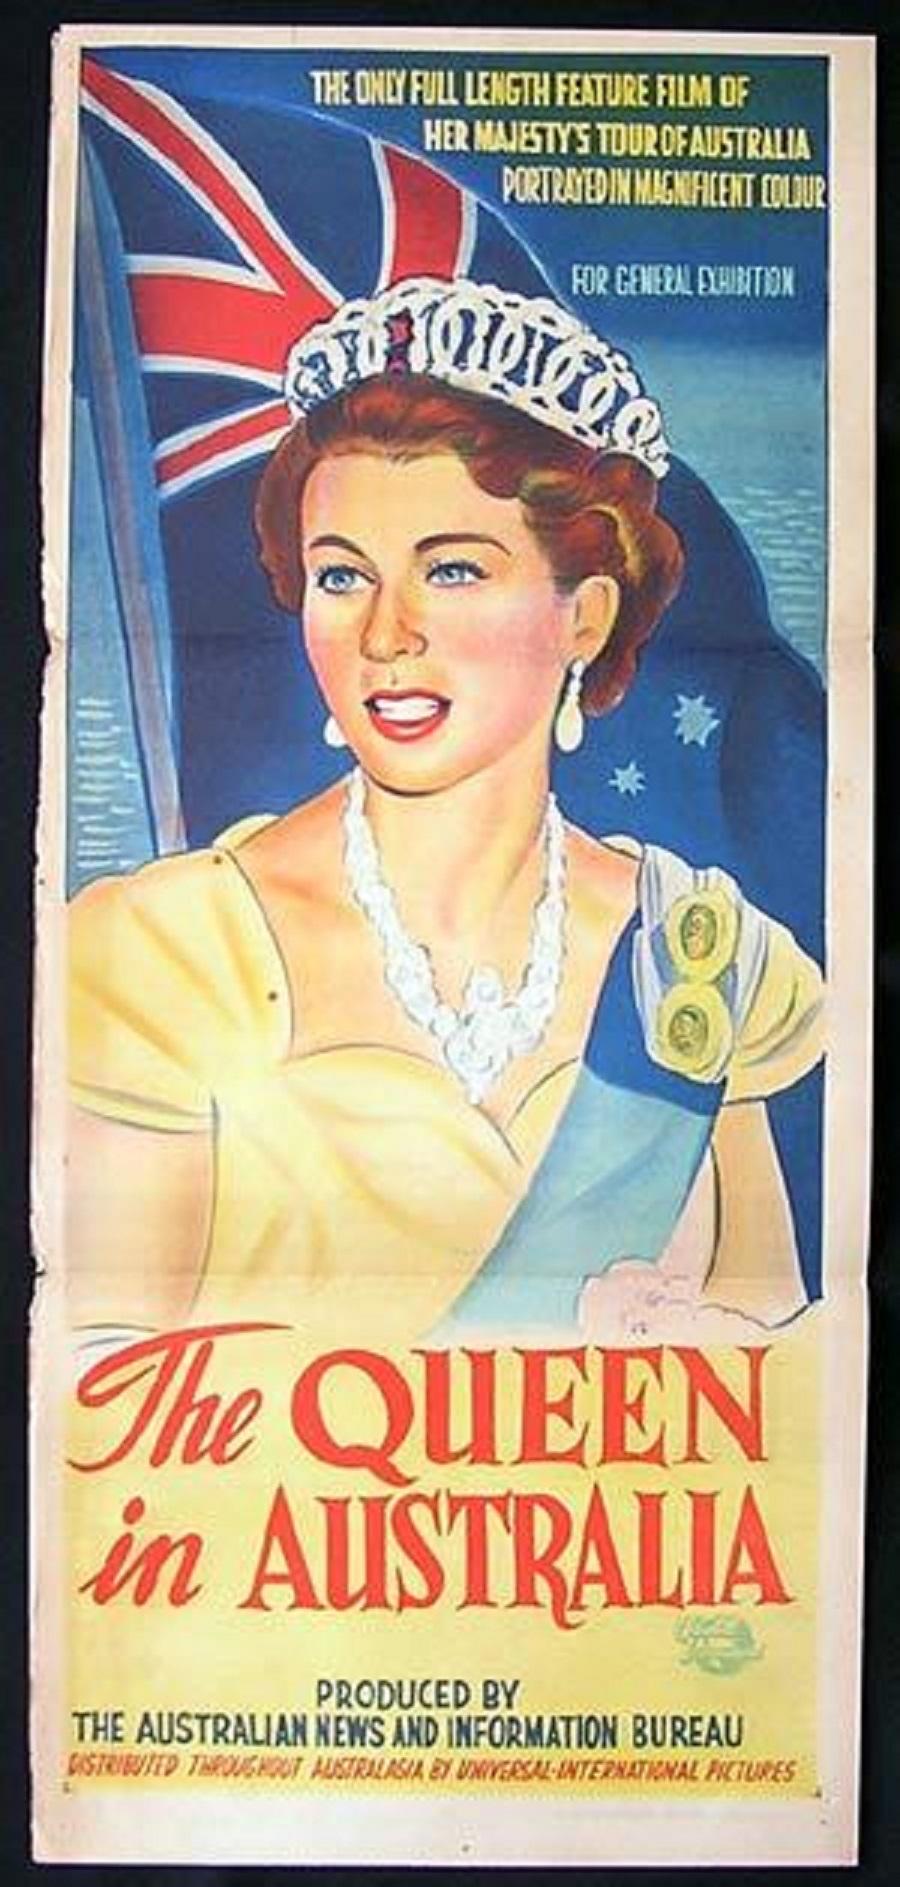 b7170c44cfda The Queen in Australia (1954) - IMDb